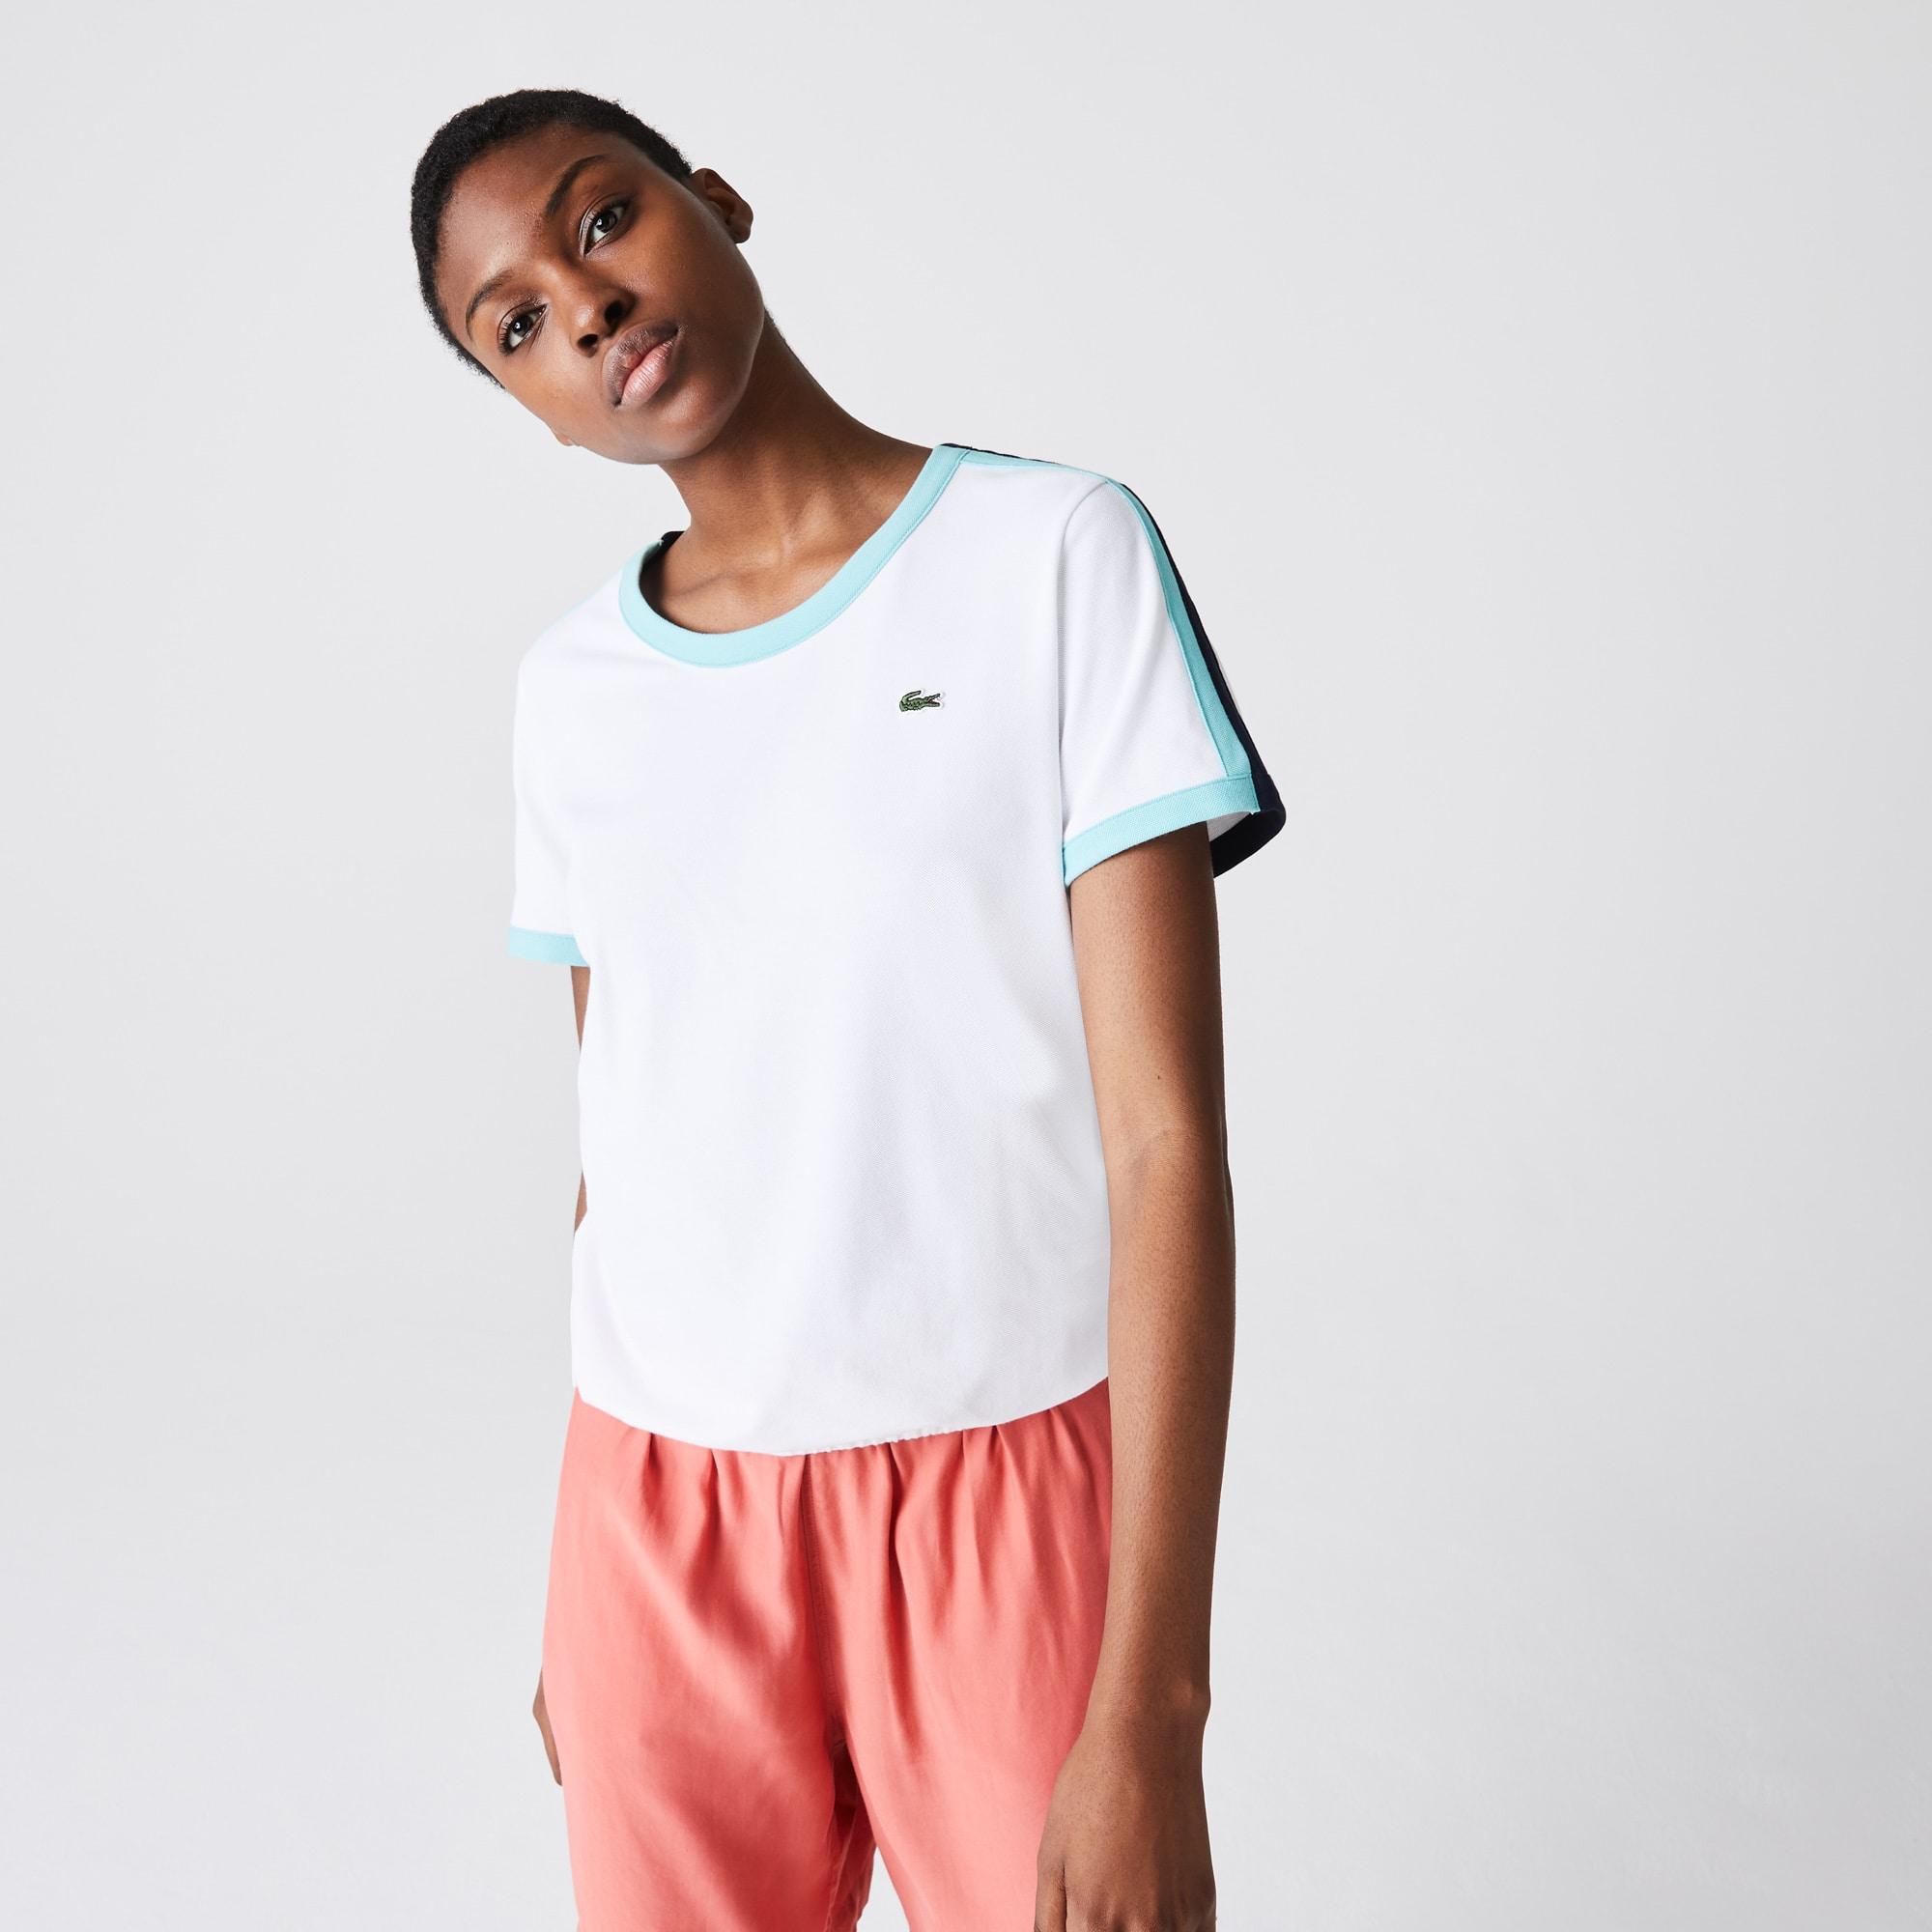 라코스테 스포츠 '롤랑가로스 에디션' 스트레치 코튼 티셔츠 Lacoste Womens SPORT Roland Garros Stretch Cotton T-Shirt